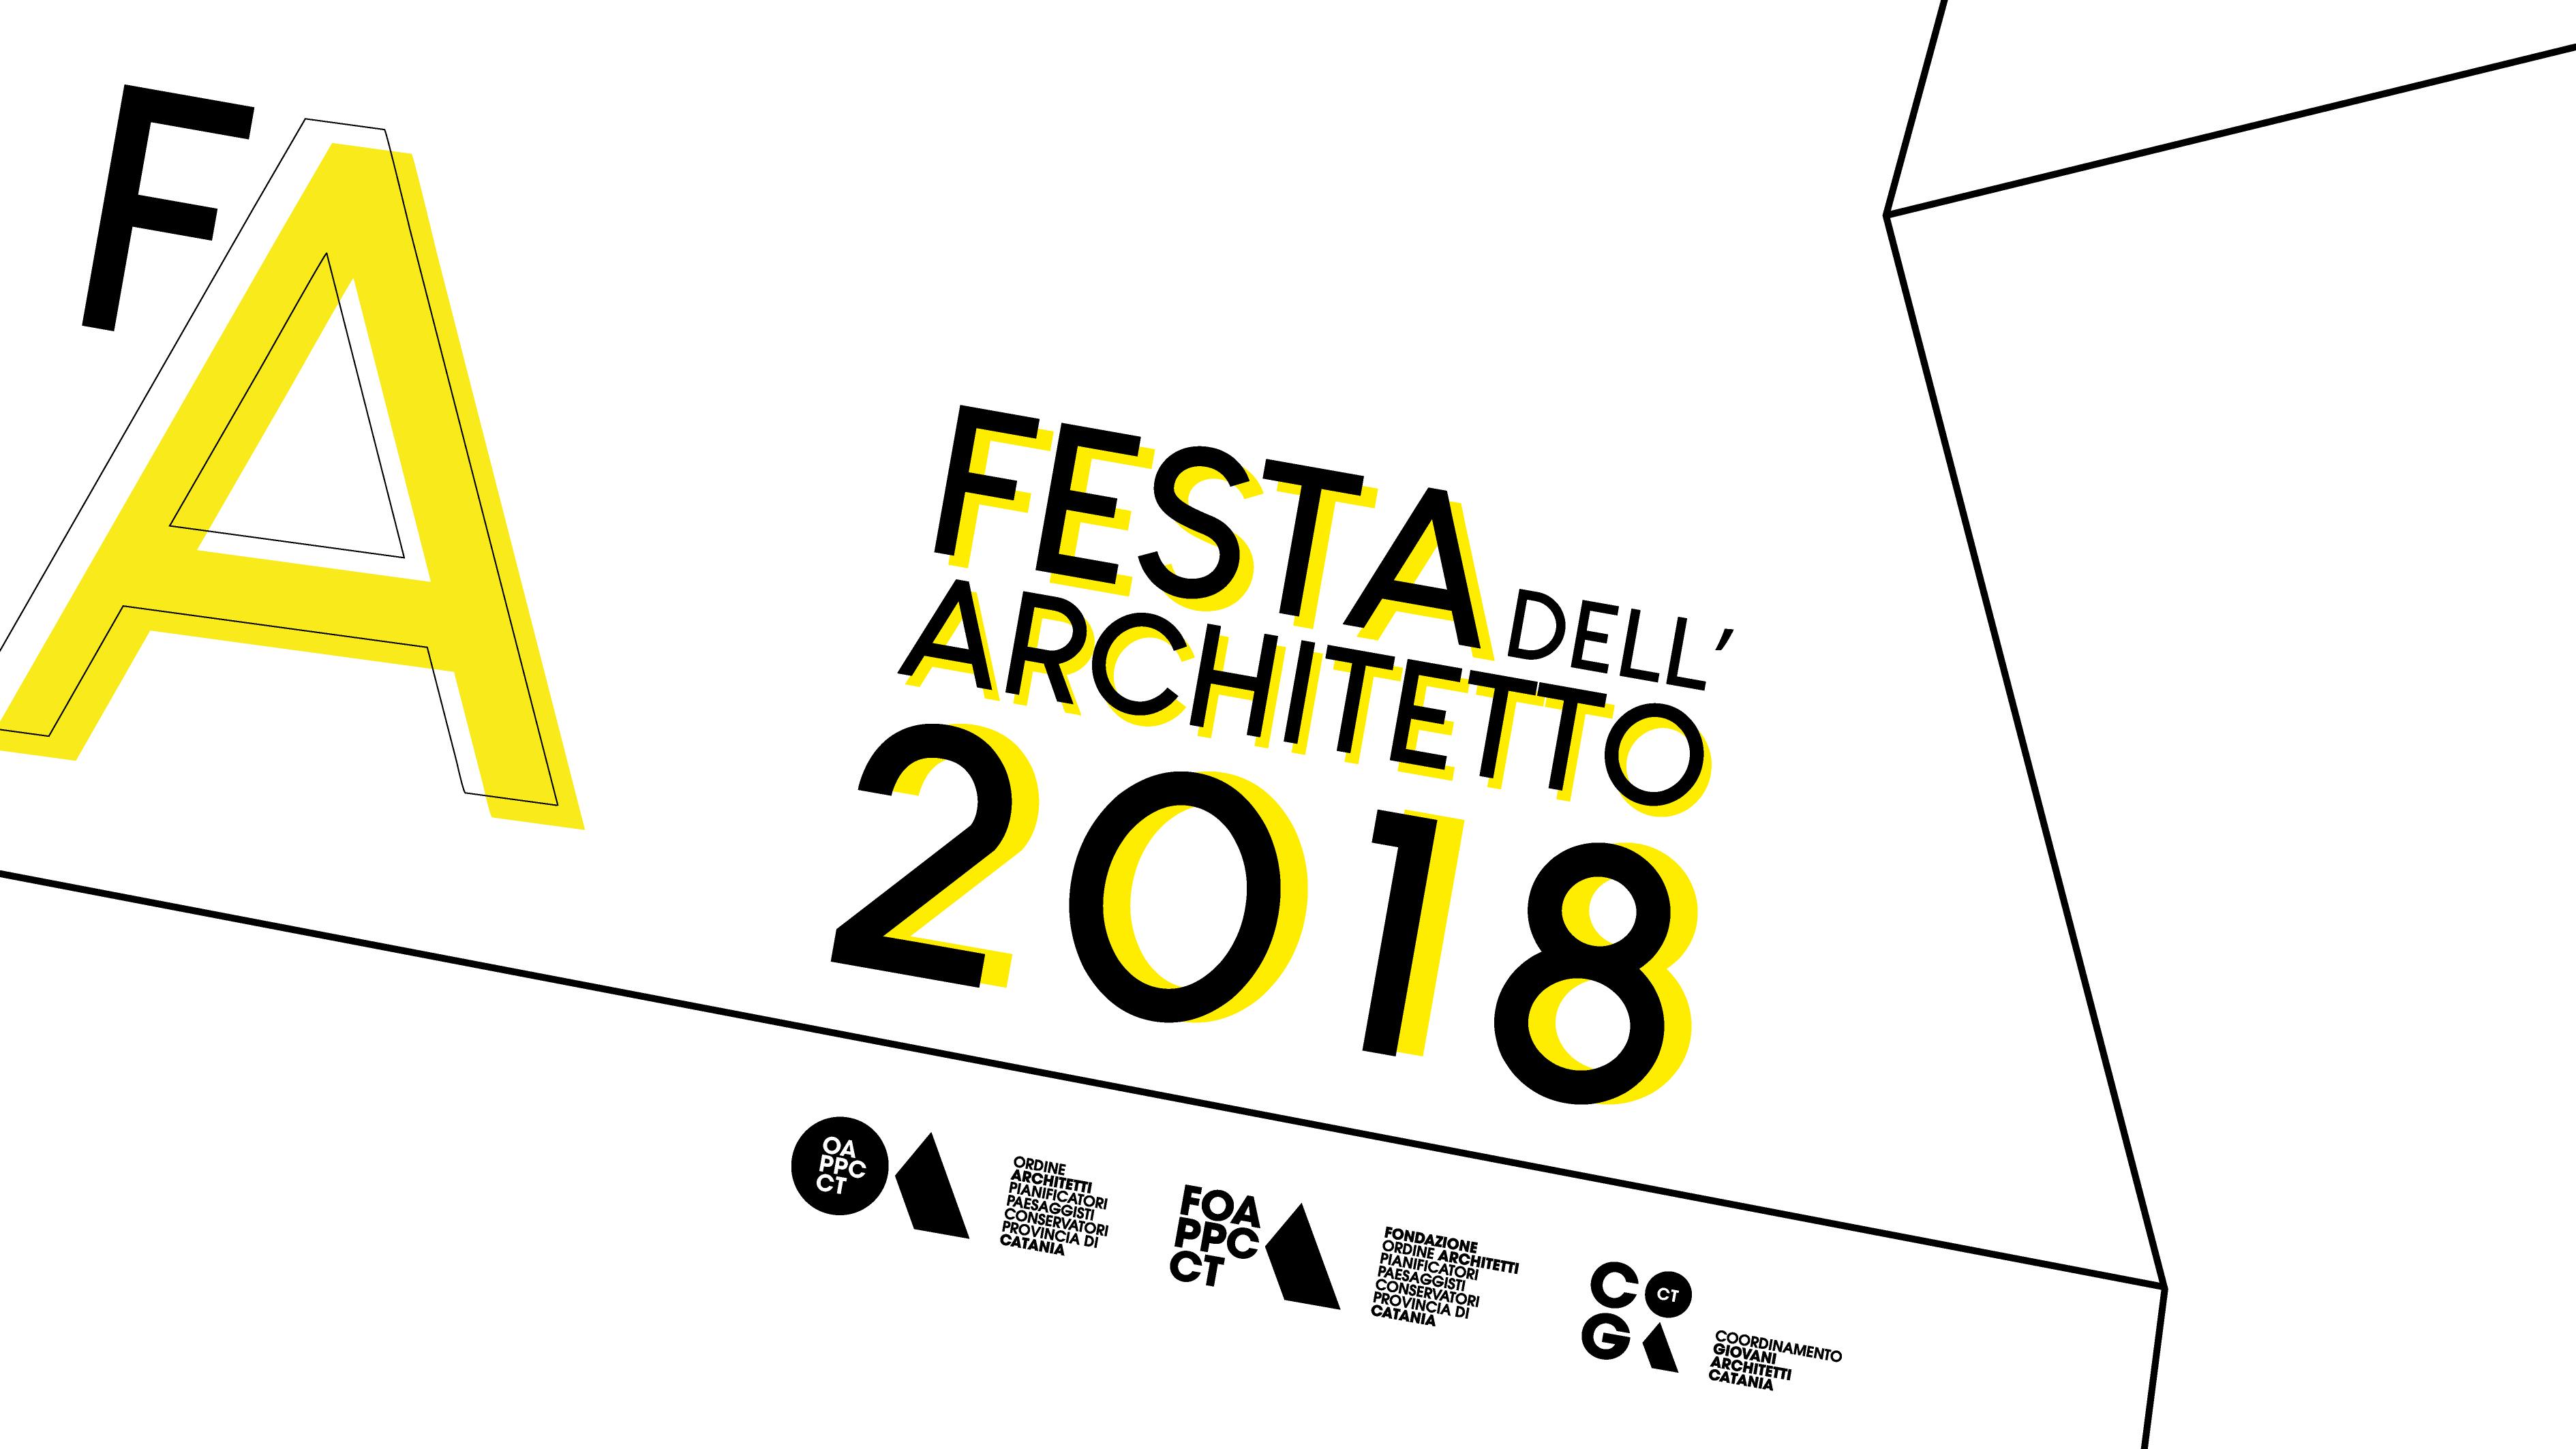 locandina Festa dell'Architetto 2018 Catania 22-24 giugno